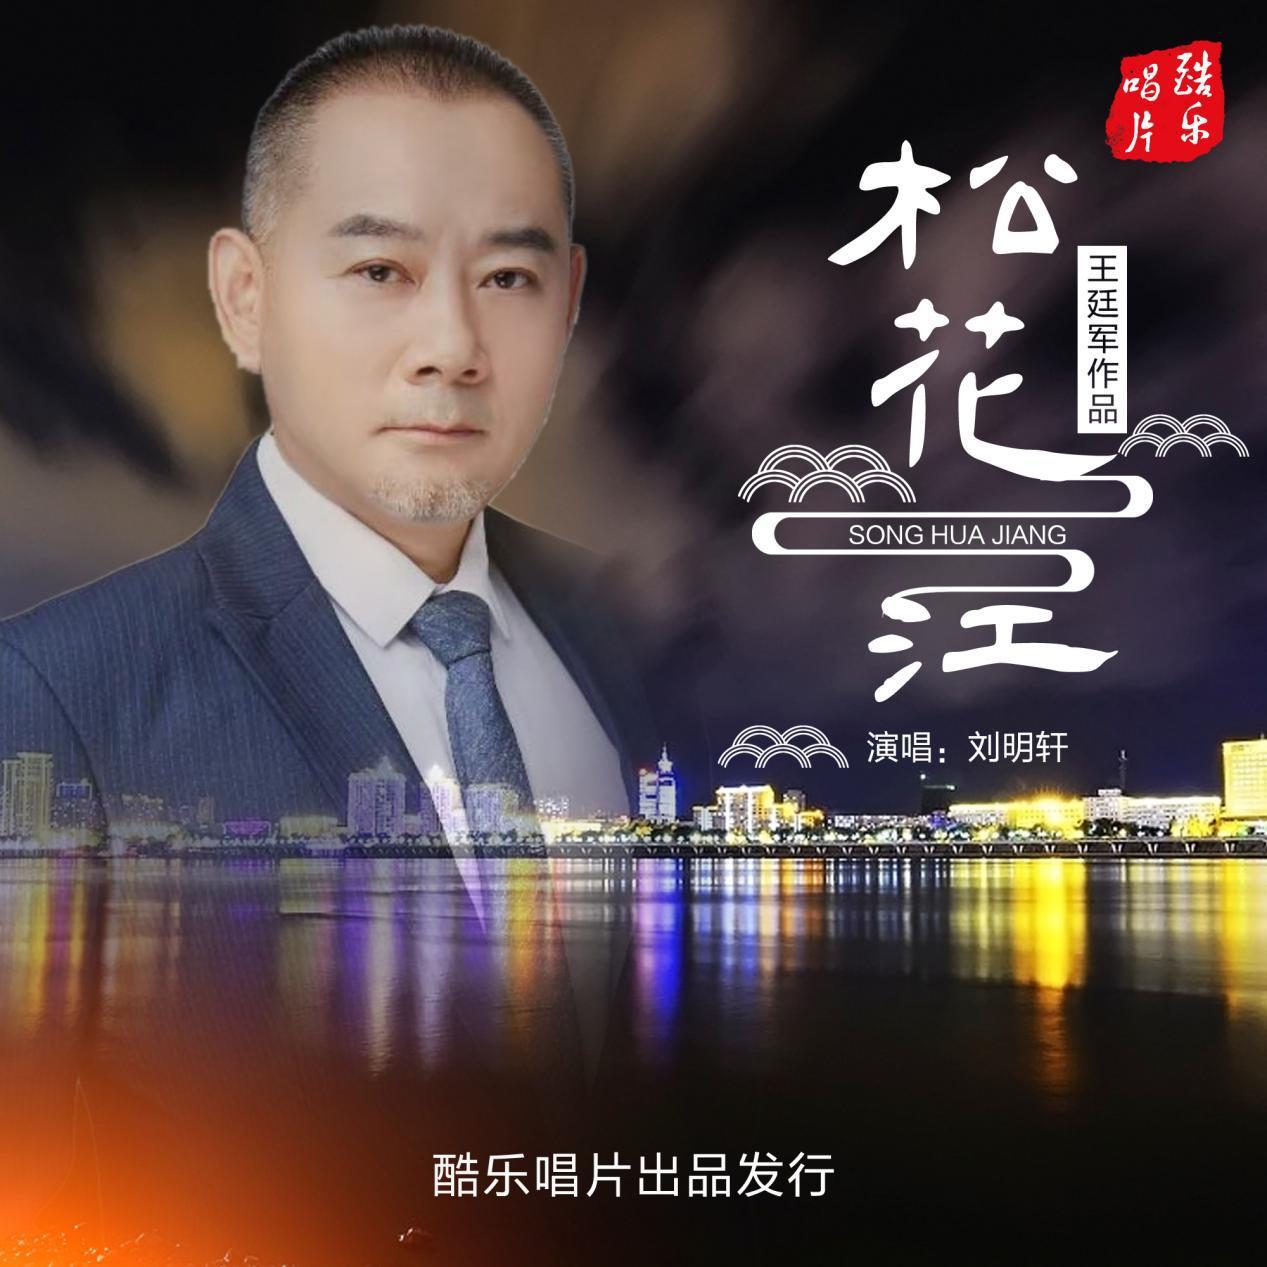 王廷军创作歌曲《松花江》发行获好评思乡之情引人共鸣